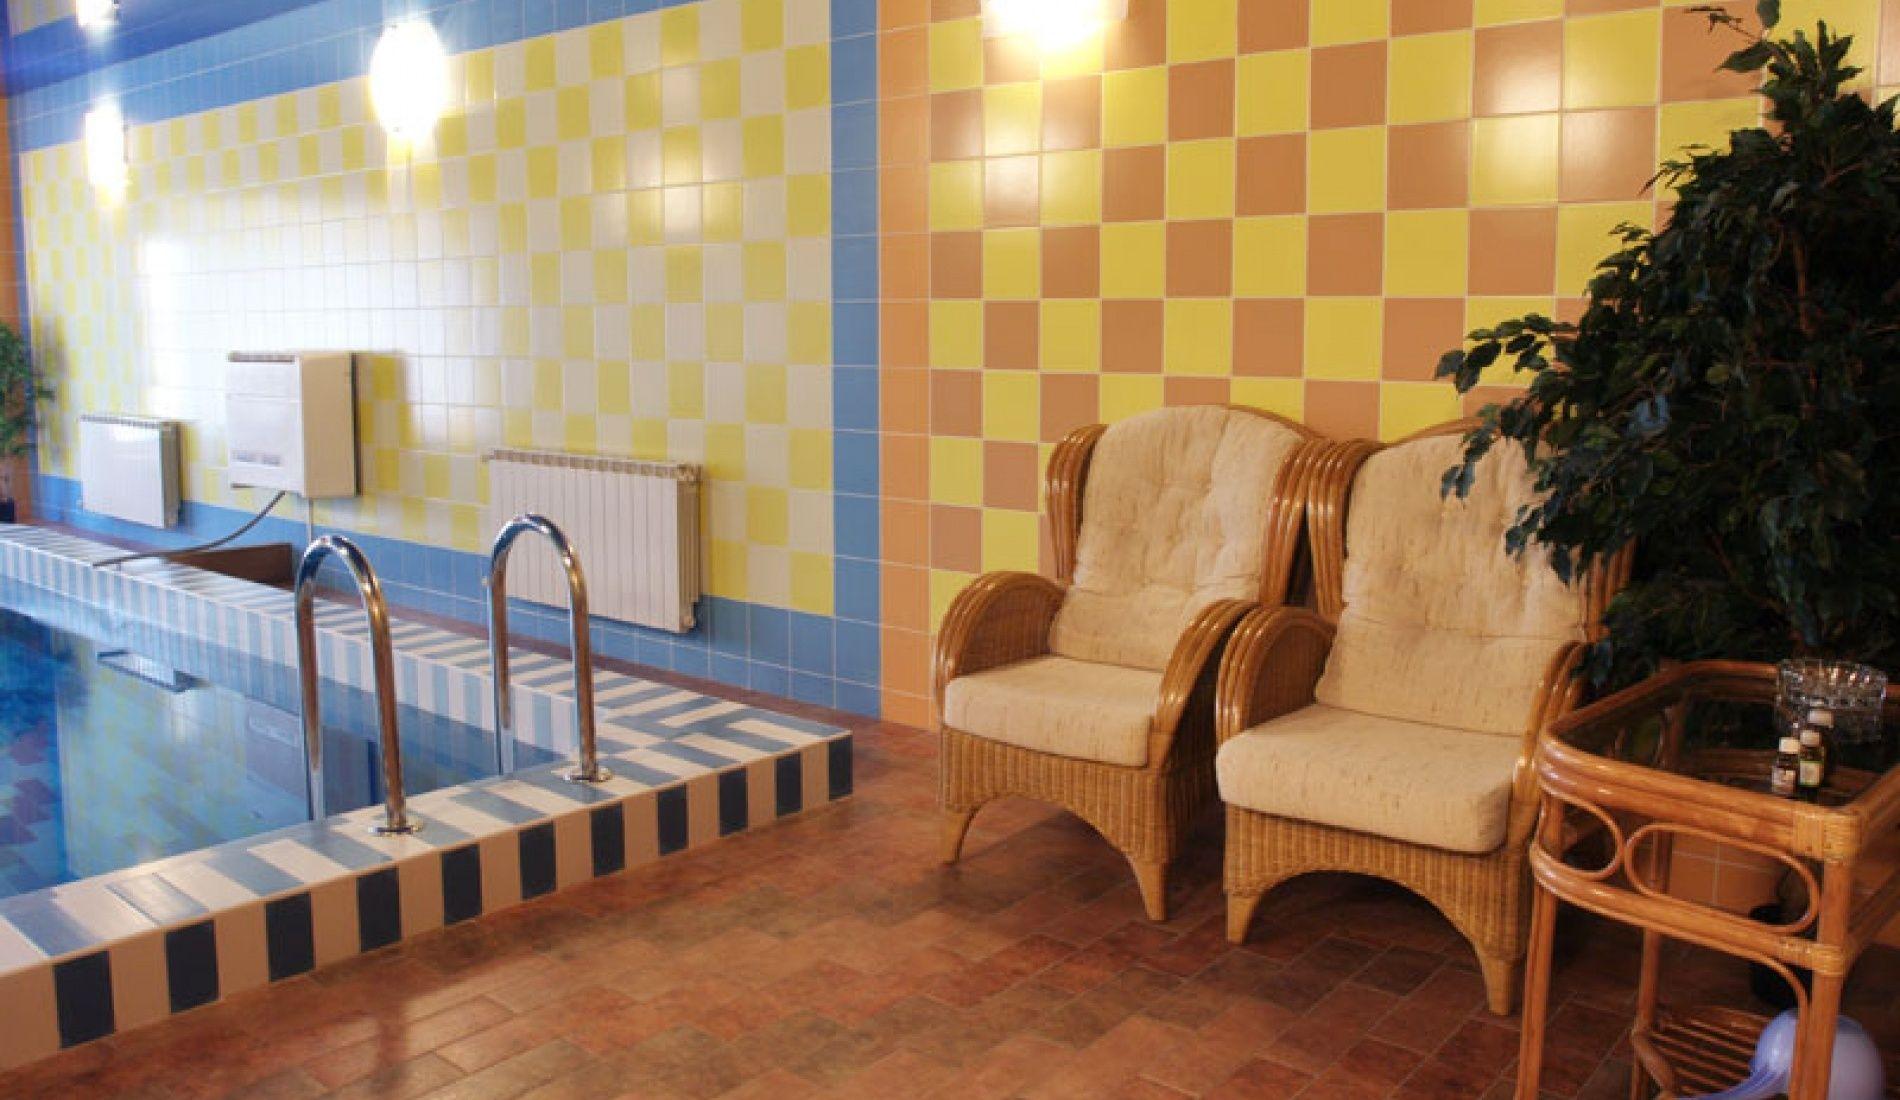 """Загородный гостиничный комплекс """"Орбита"""" Самарская область Коттедж """"VIP"""", фото 4"""